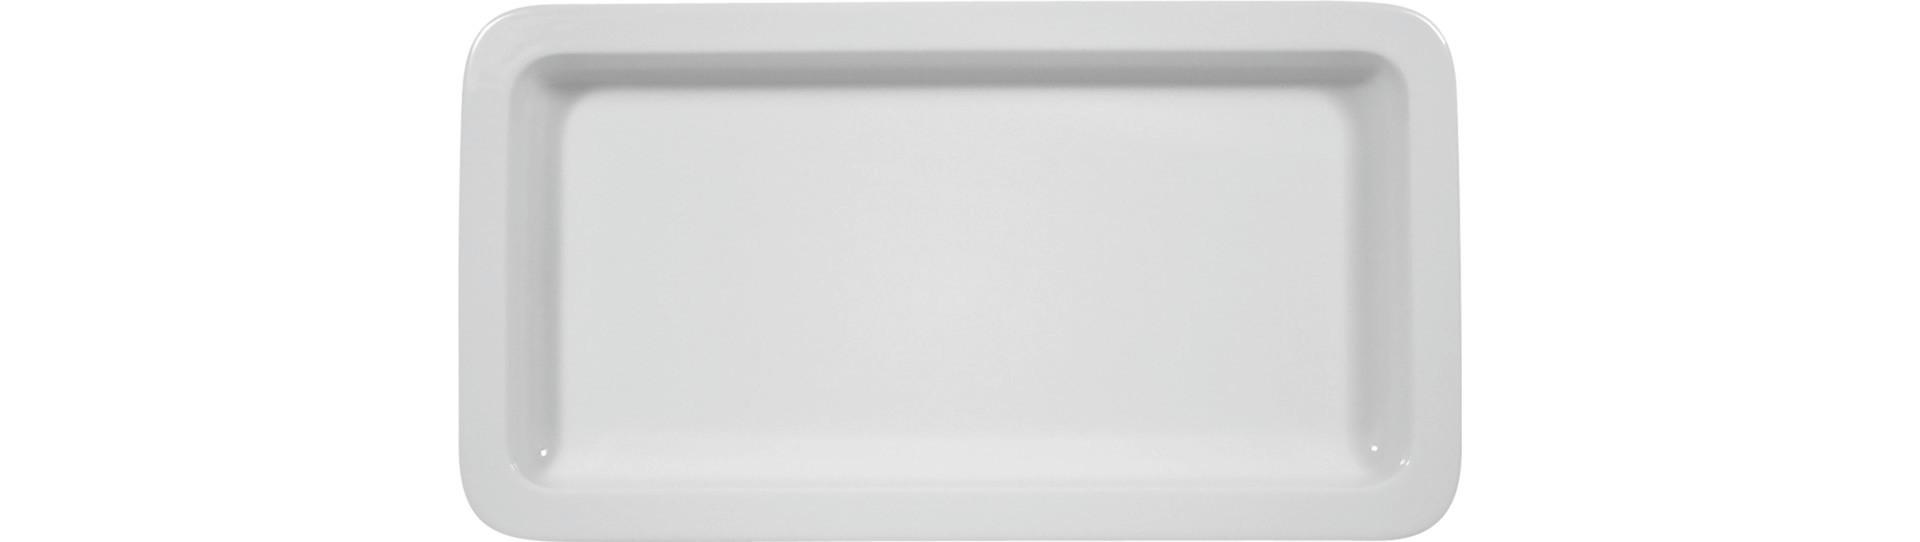 Buffet Gourmet, GN-Behälter GN 1/3 325 x 176 x 20 mm / 0,75 l